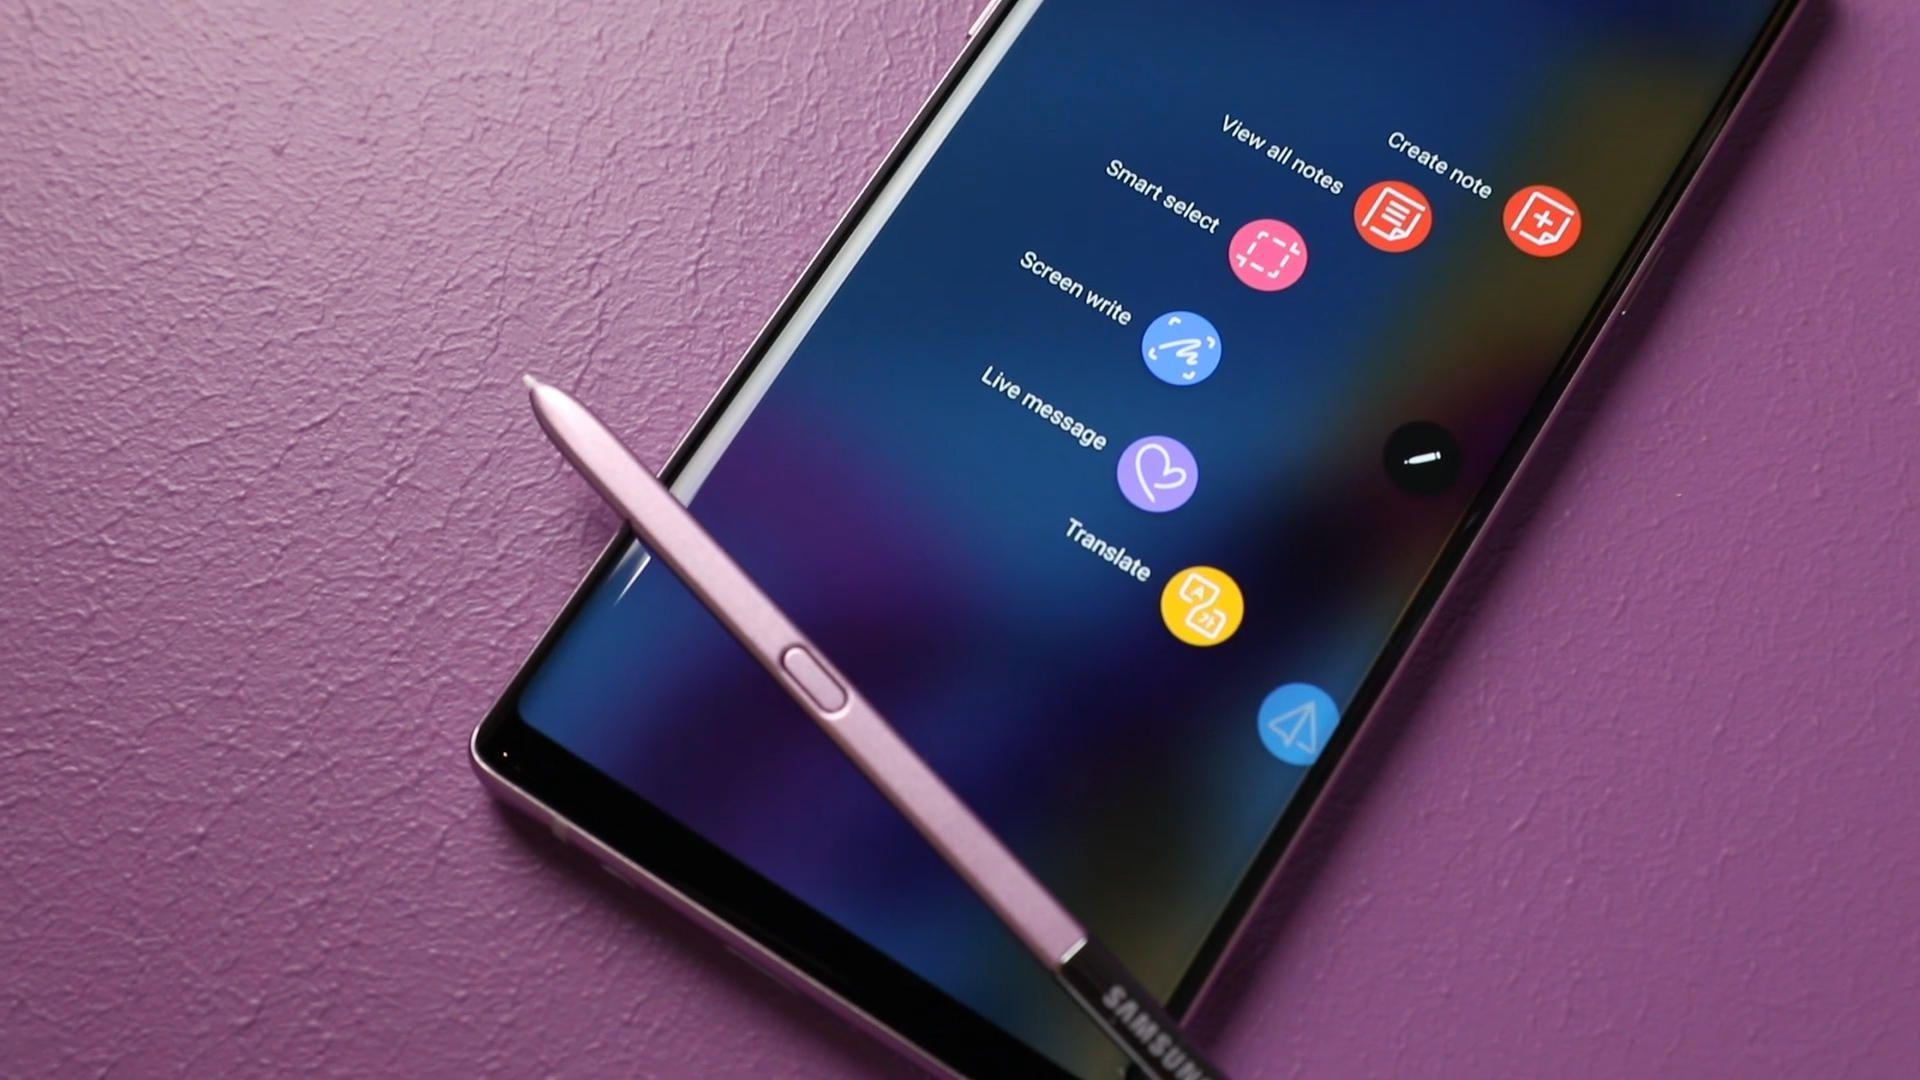 [Đây là] TOP 6 điện thoại Samsung pin trâu không nên bỏ lỡ 2021